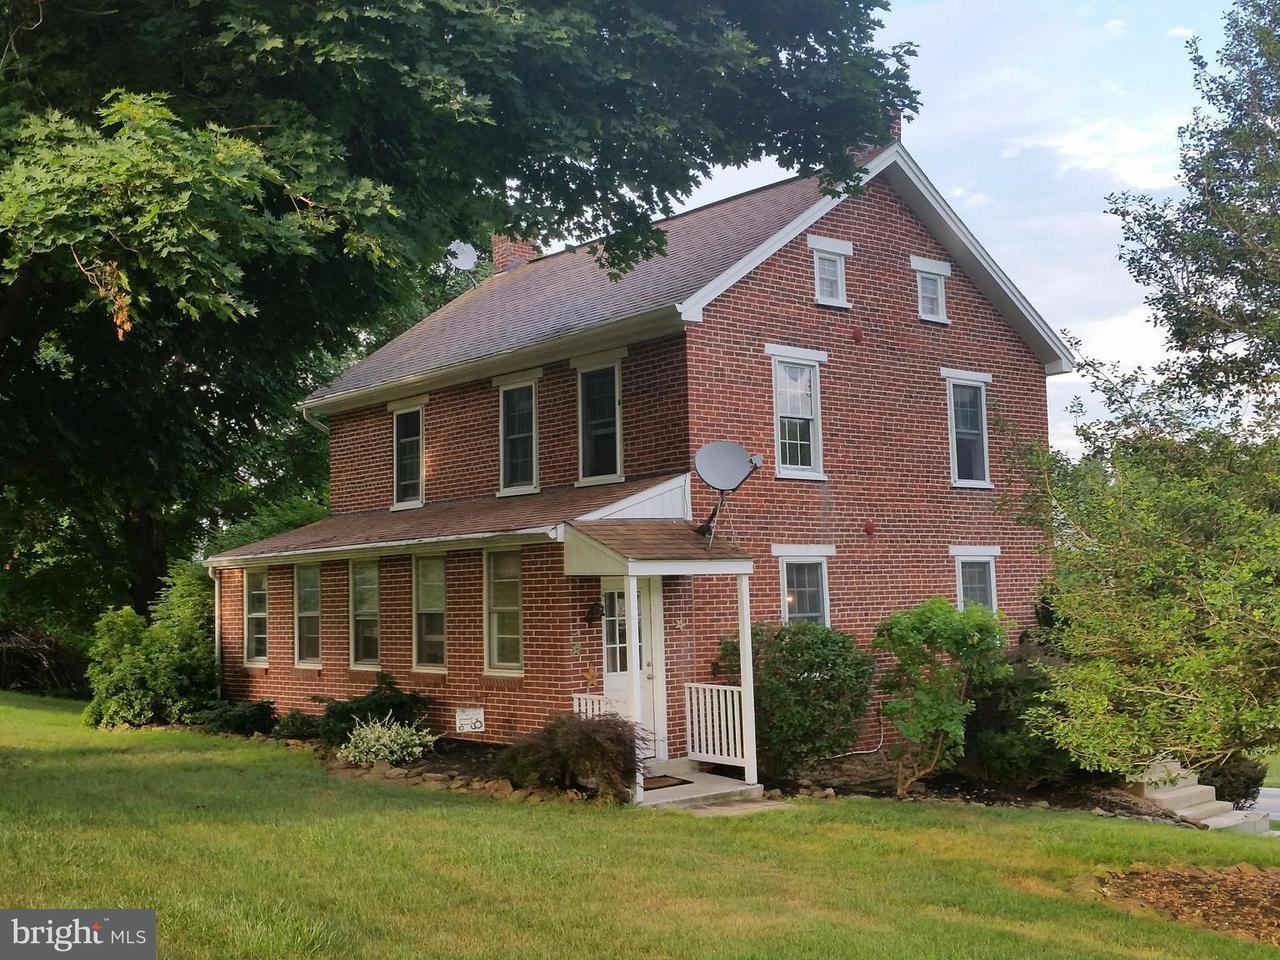 Коммерческий для того Продажа на 5048 Hildebrand Road 5048 Hildebrand Road Glen Rock, Пенсильвания 17327 Соединенные Штаты